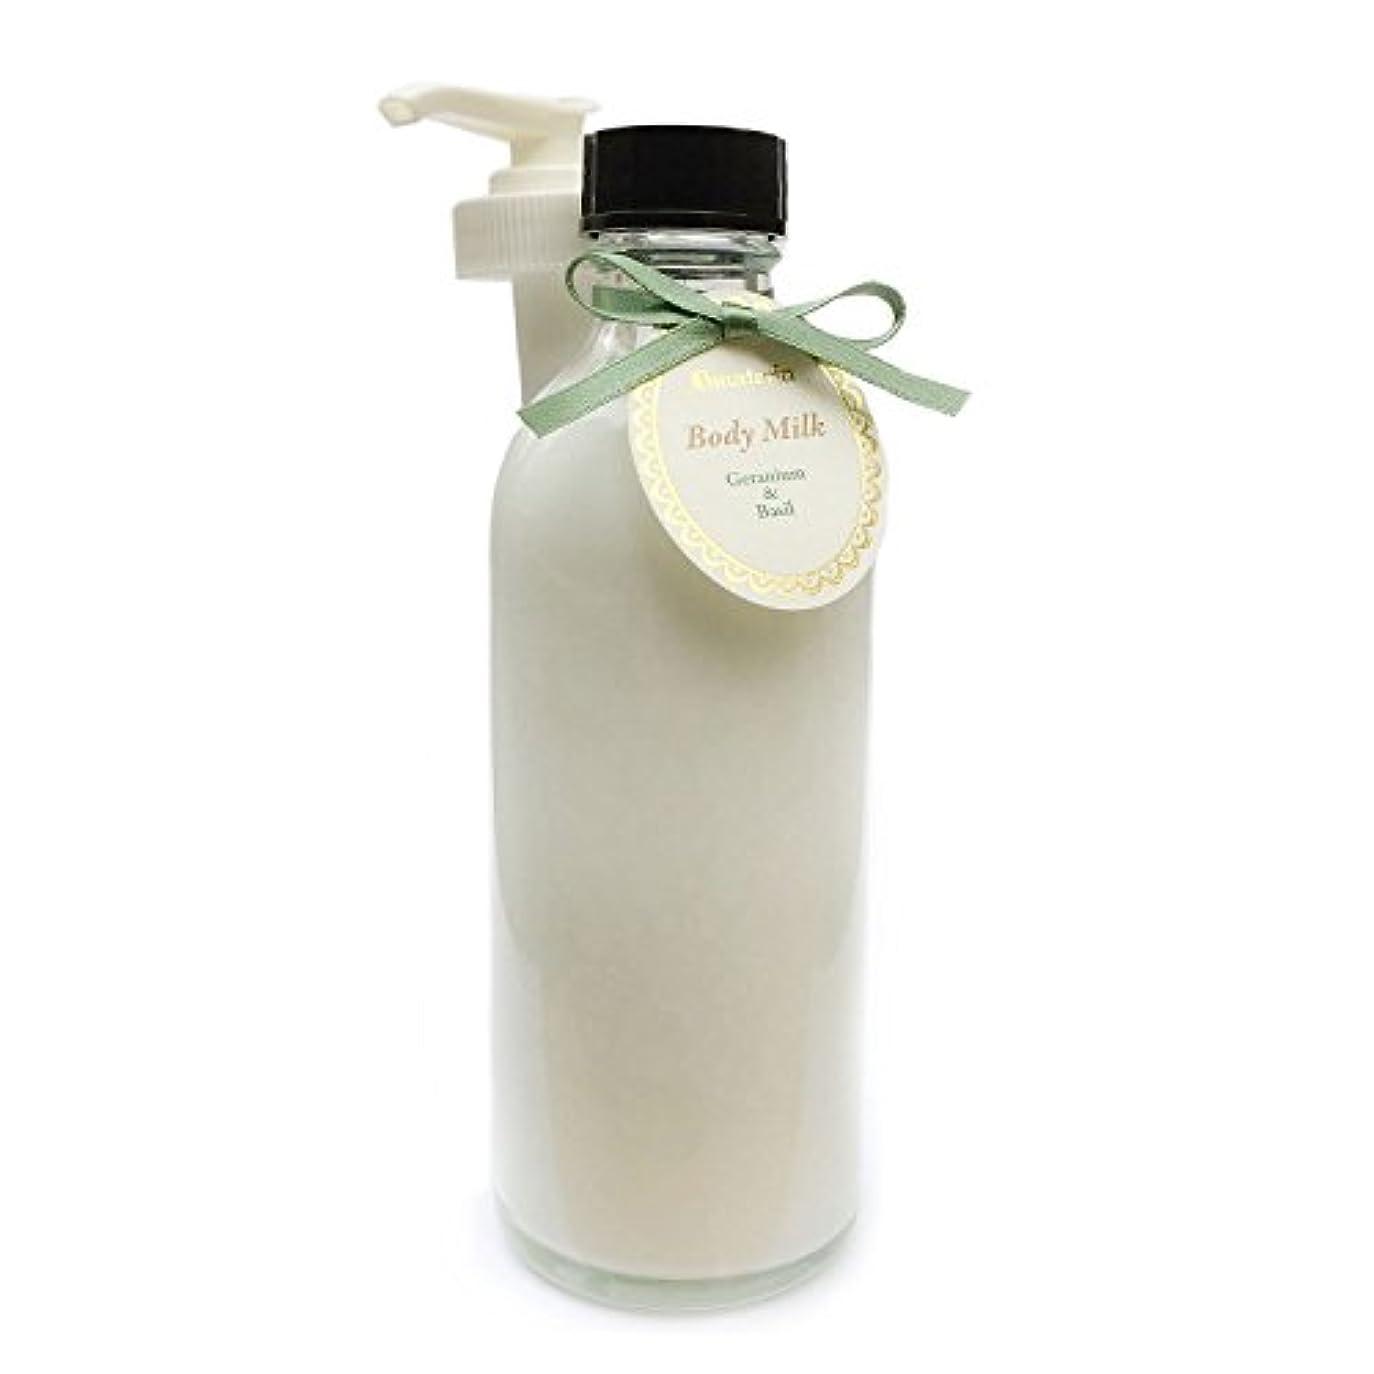 クリップ実際コースD materia ボディミルク ゼラニウム&バジル Geranium&Basil Body Milk ディーマテリア